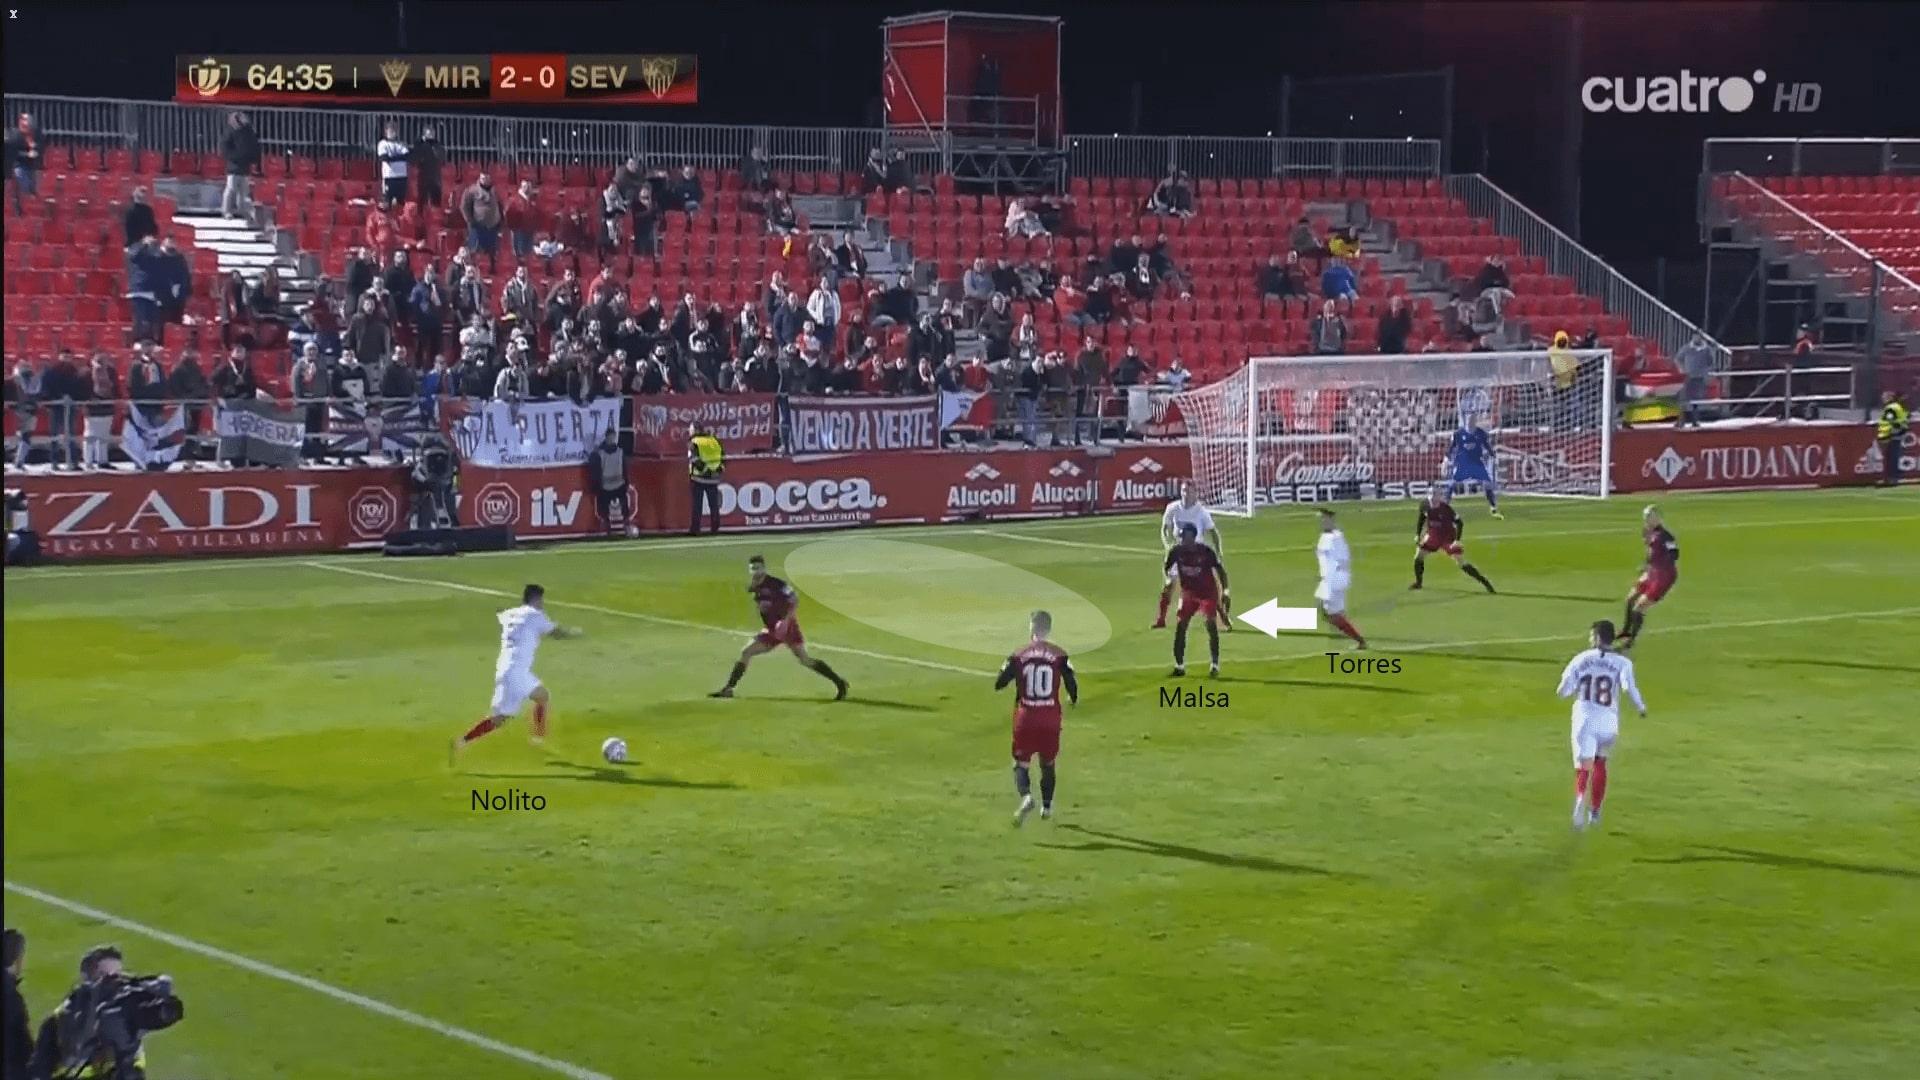 Copa del Rey 2019/20: Mirandés vs Sevilla - tactical analysis tactics